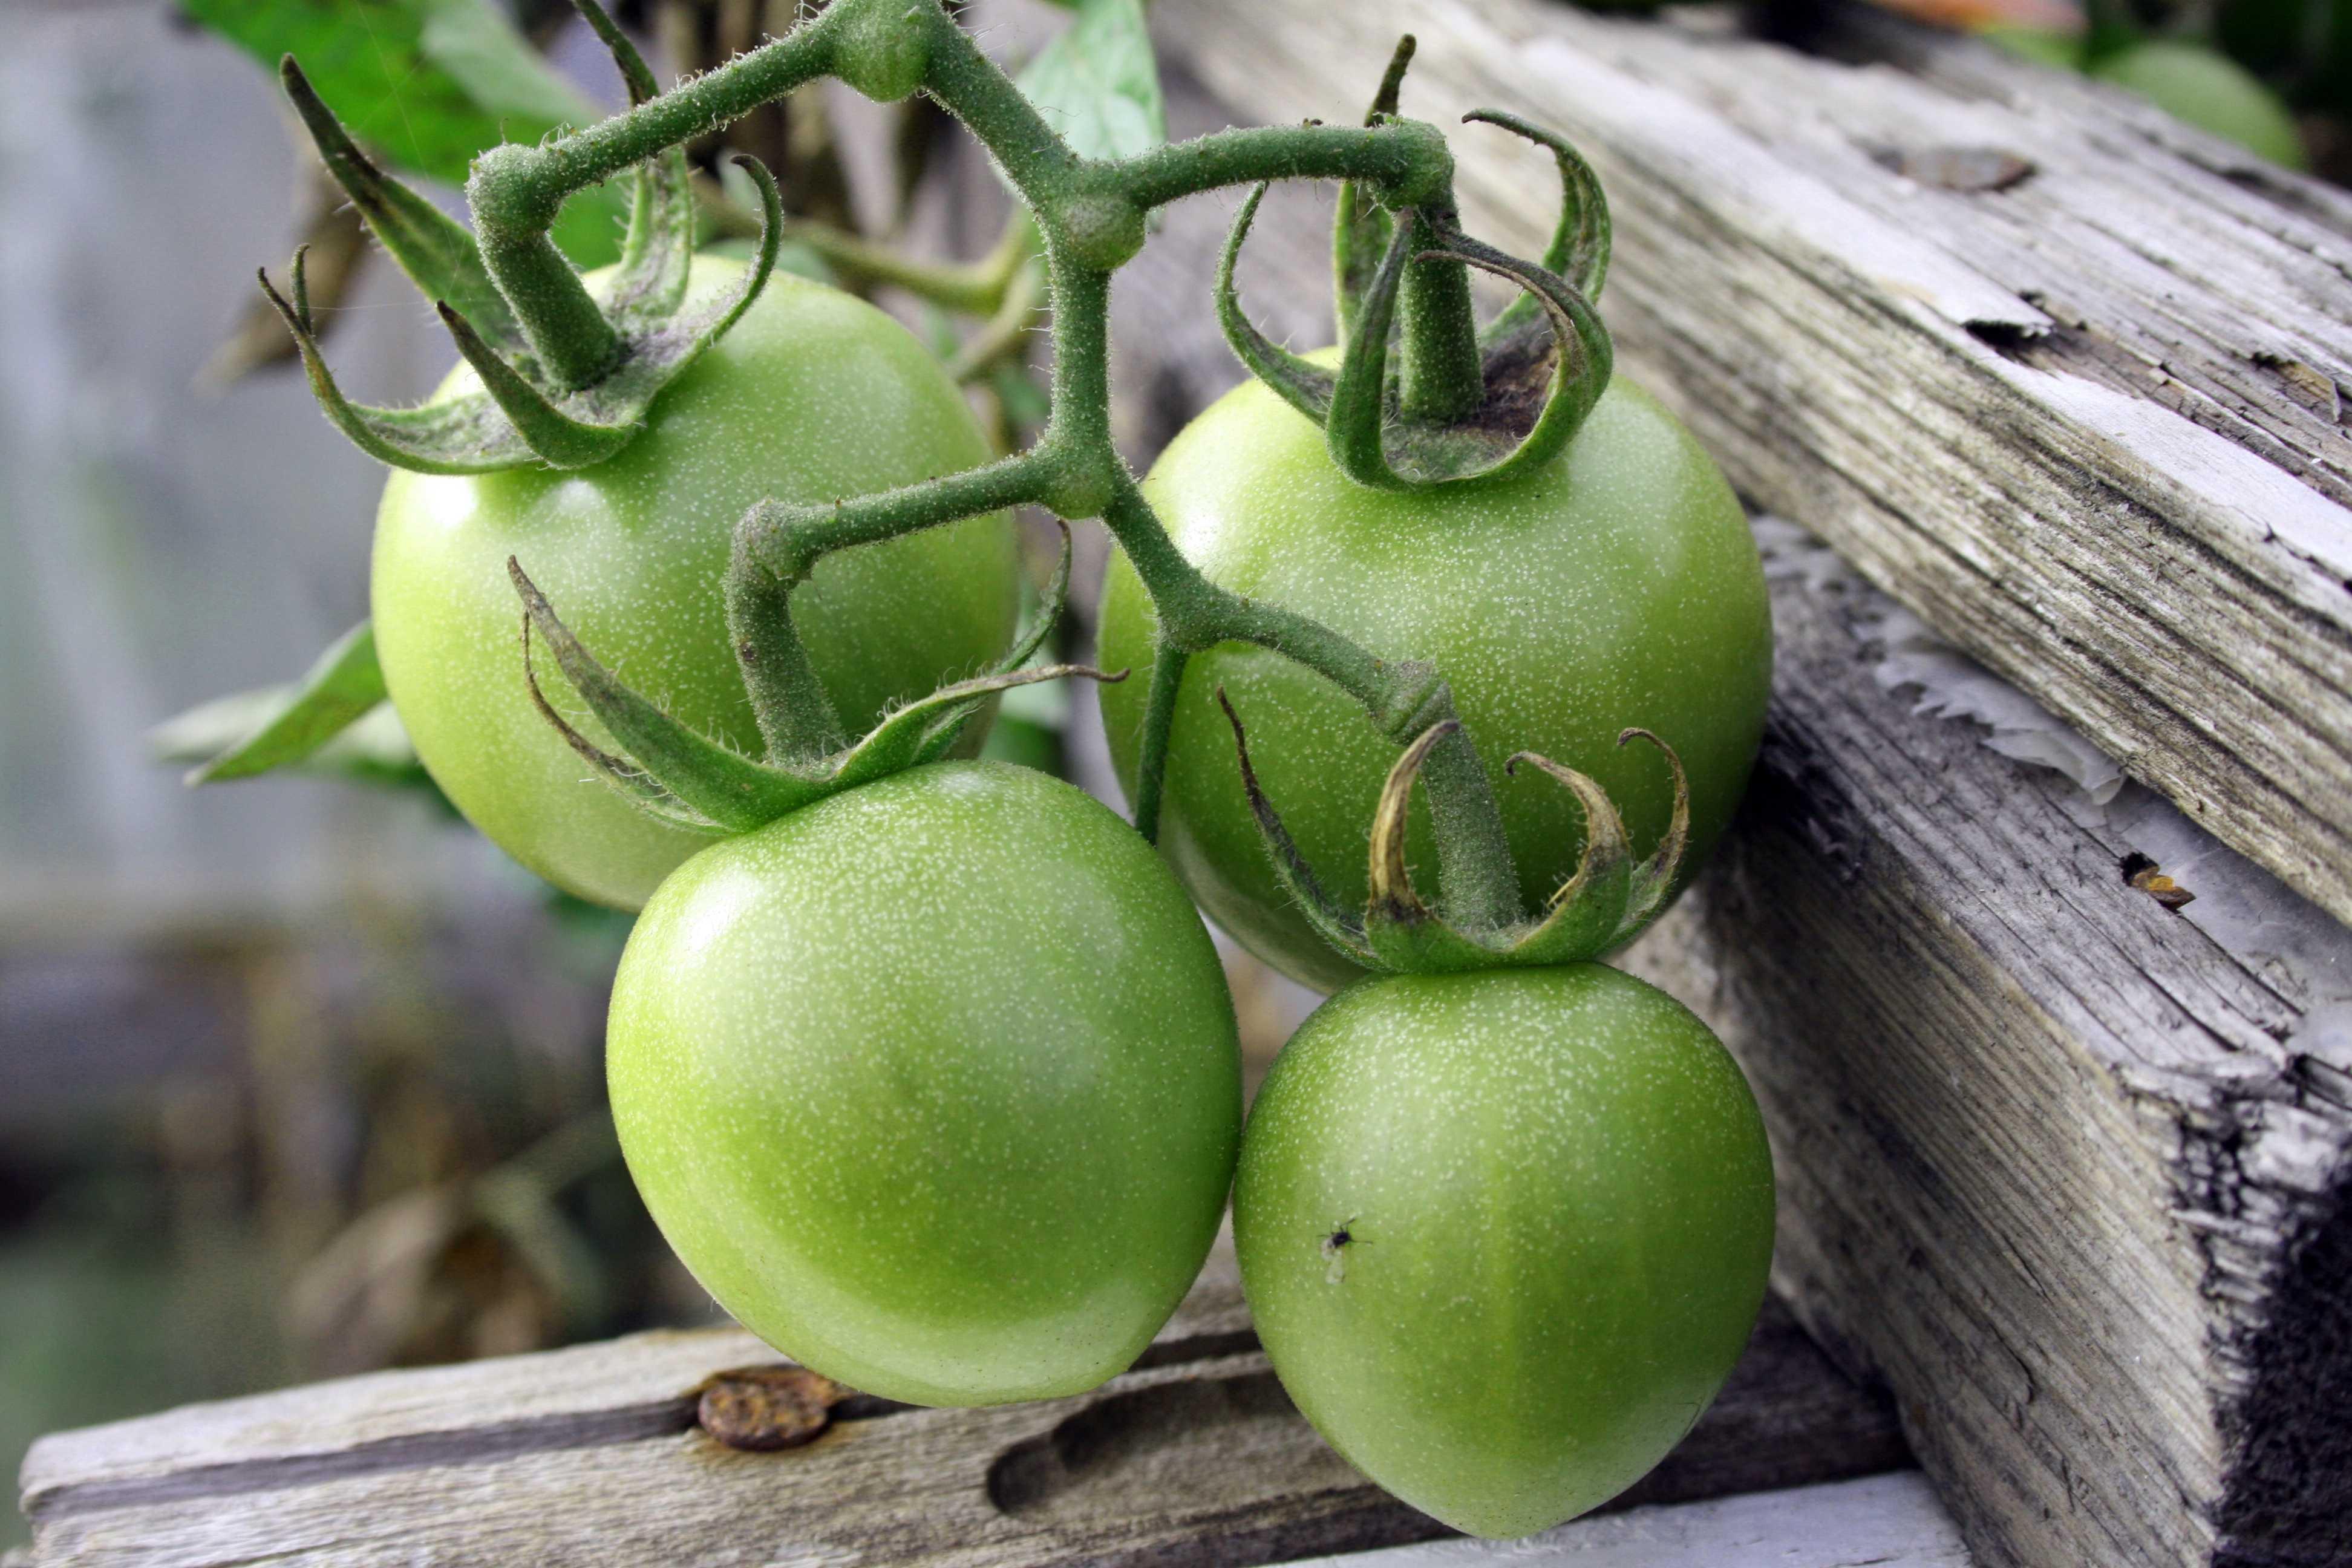 Салат из зеленых помидор - рецепты по-корейски быстрого приготовления, острого салата к столу и на зиму